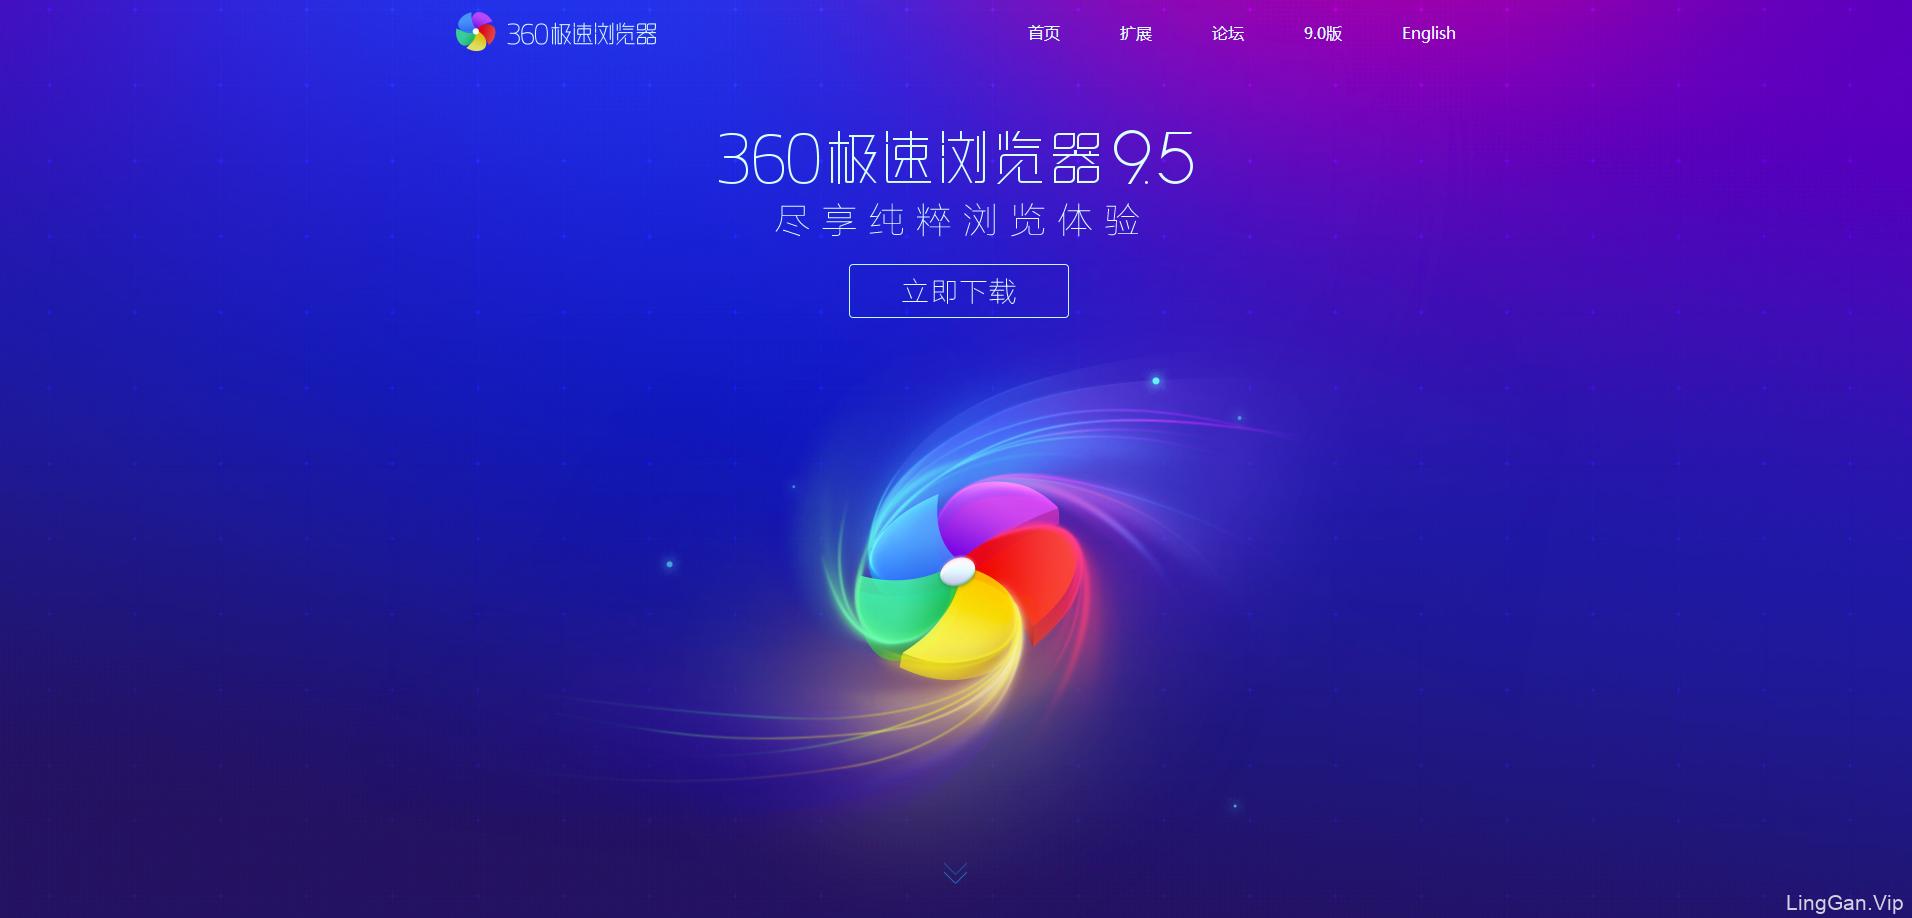 360极速浏览器9.5版网页下载界面